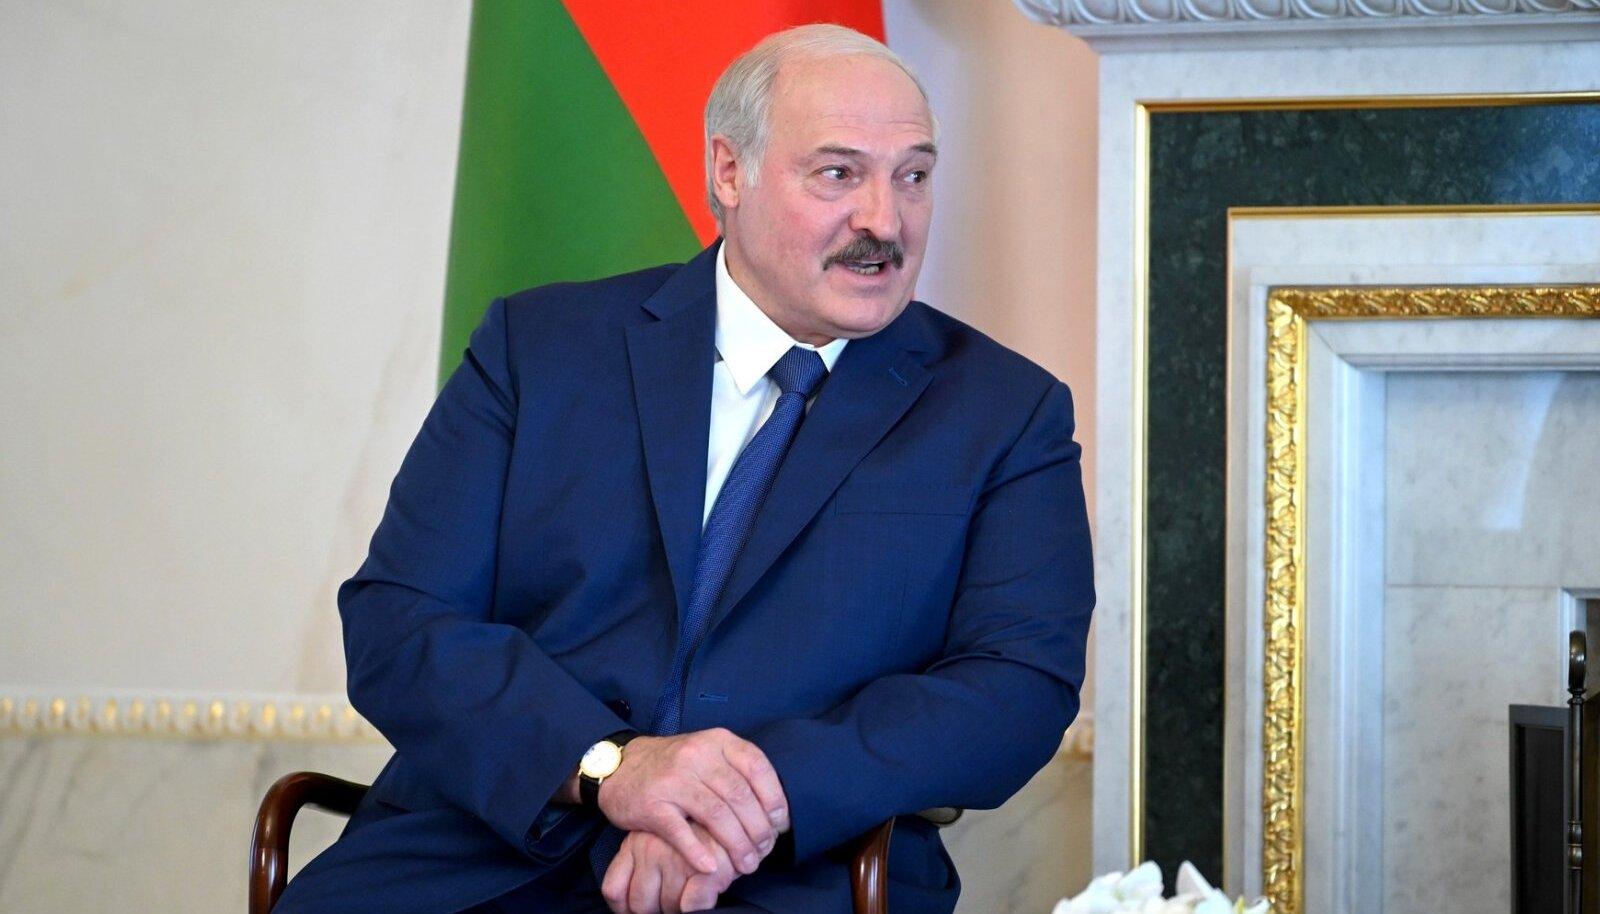 Aljaksandr Lukašenka (Foto: Wikimedia Commons / www.kremlin.ru)